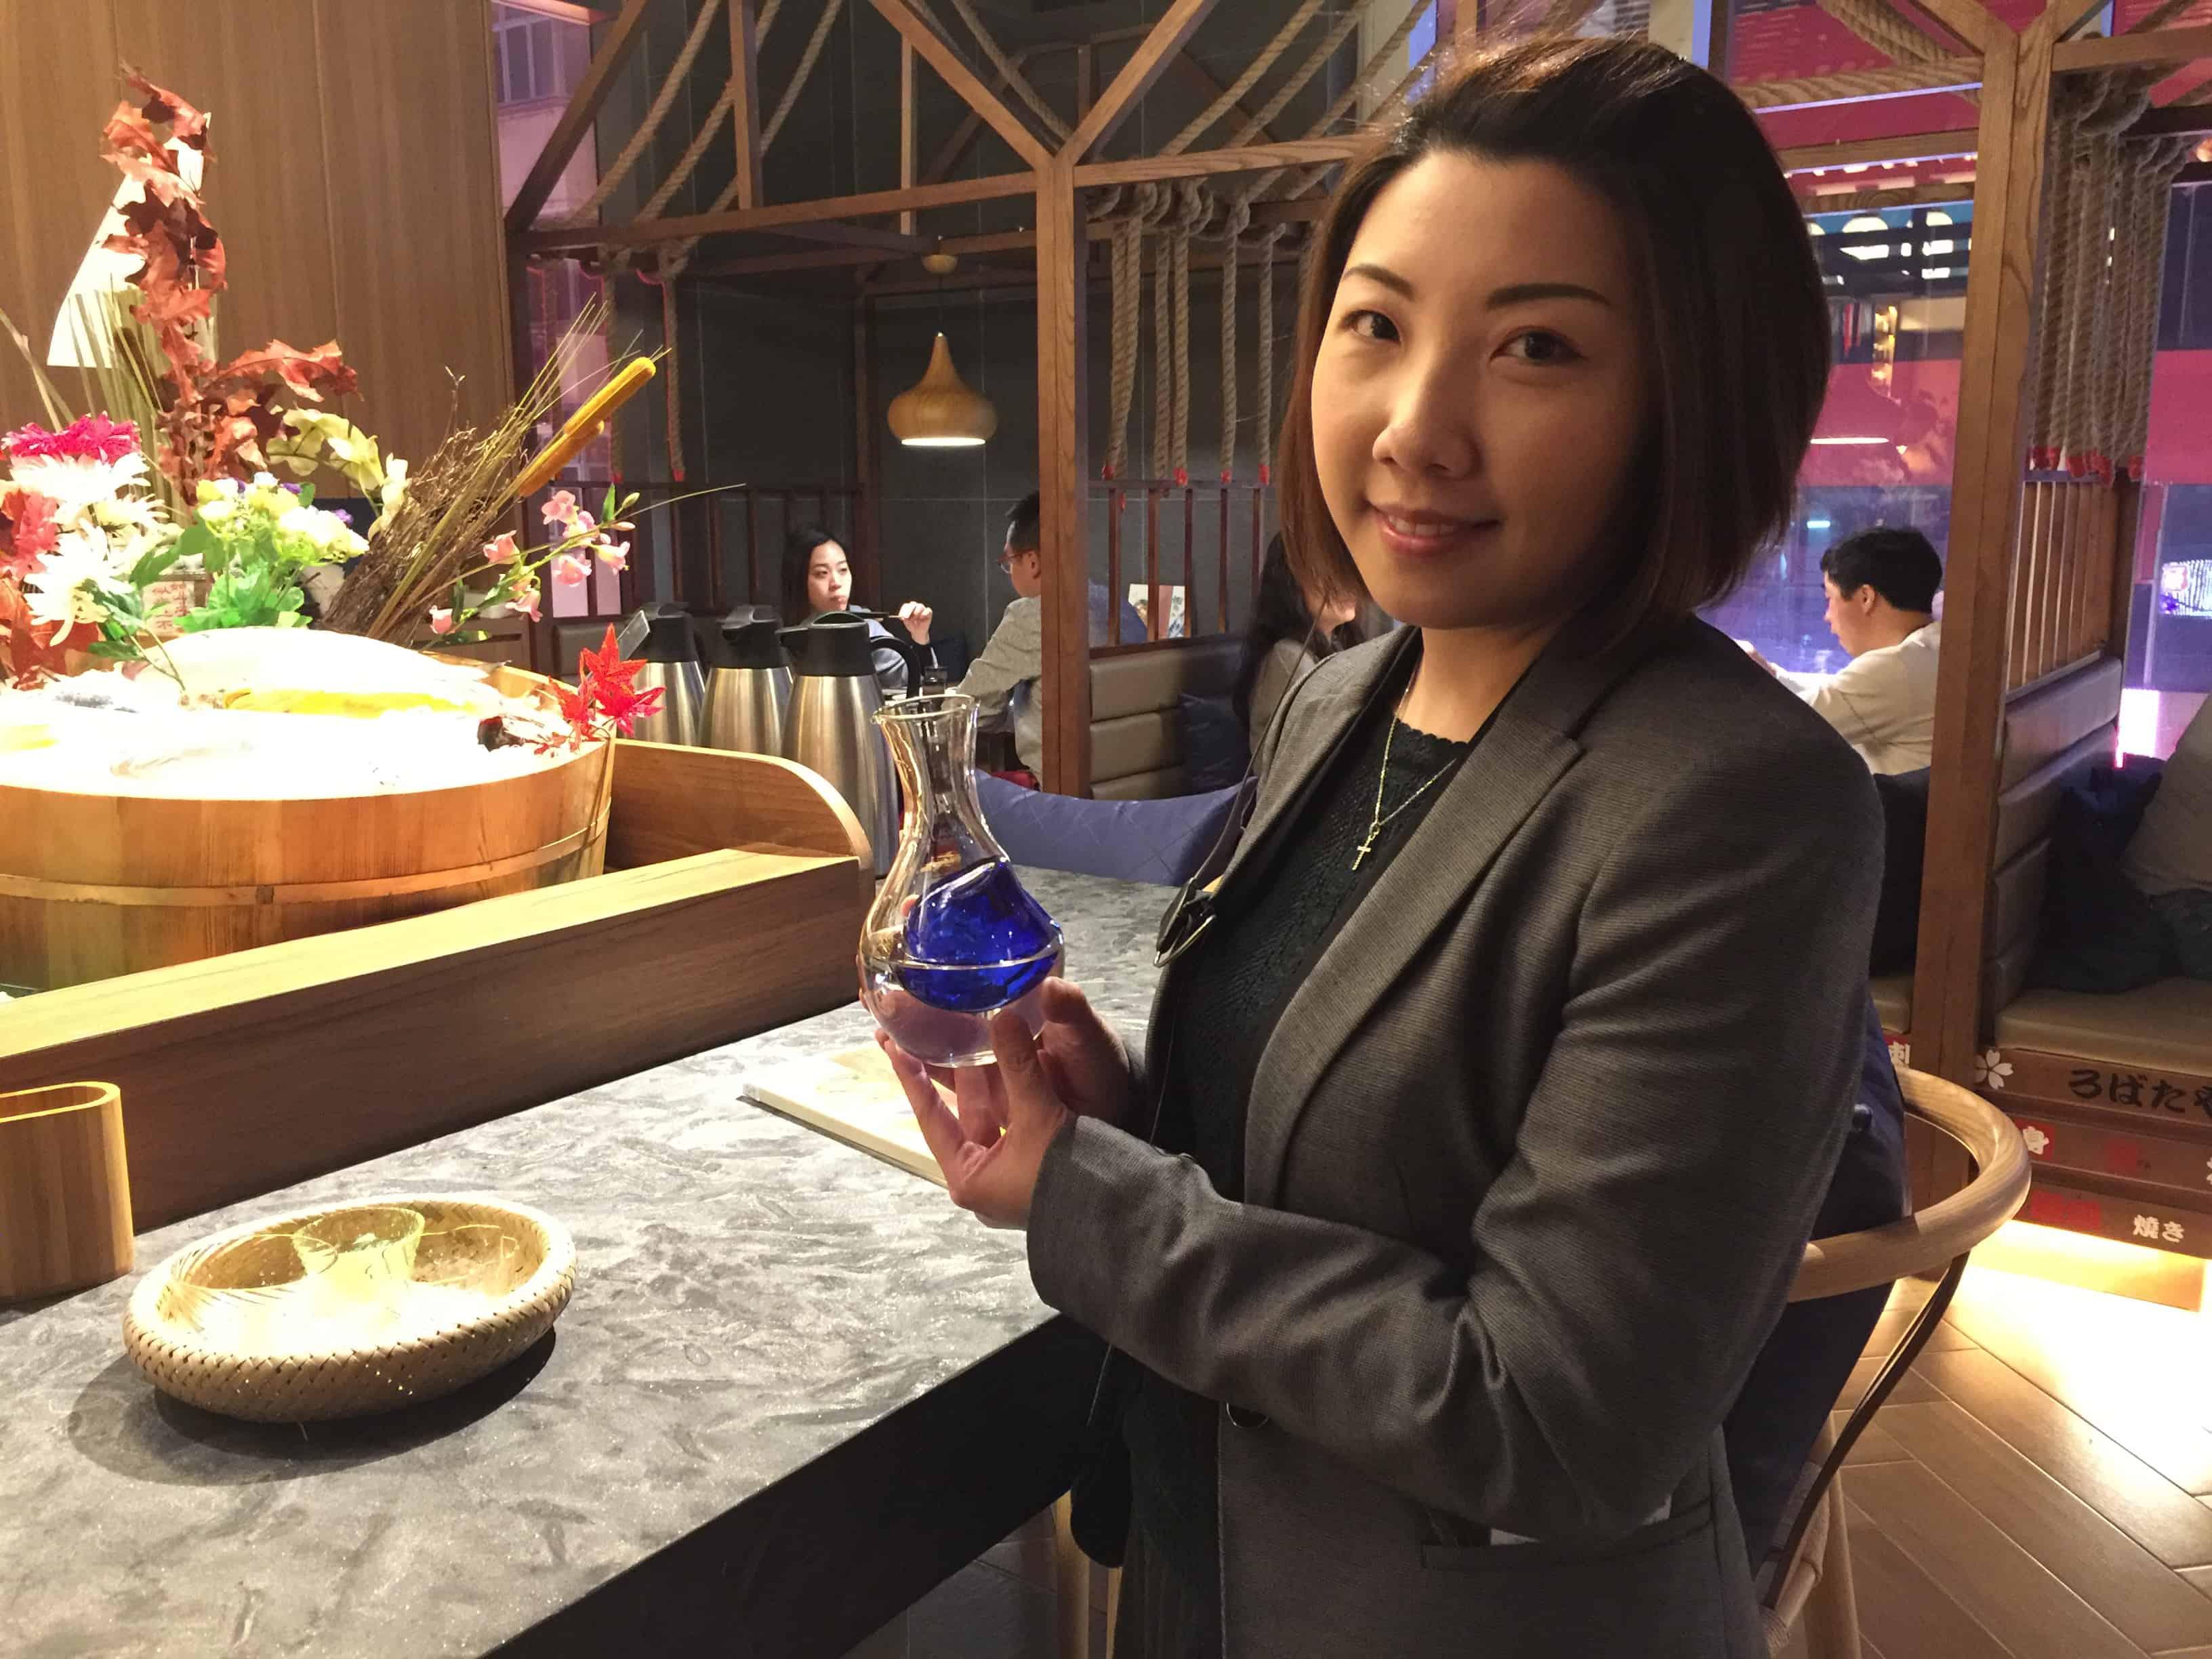 image-of-waitress-serving-sake